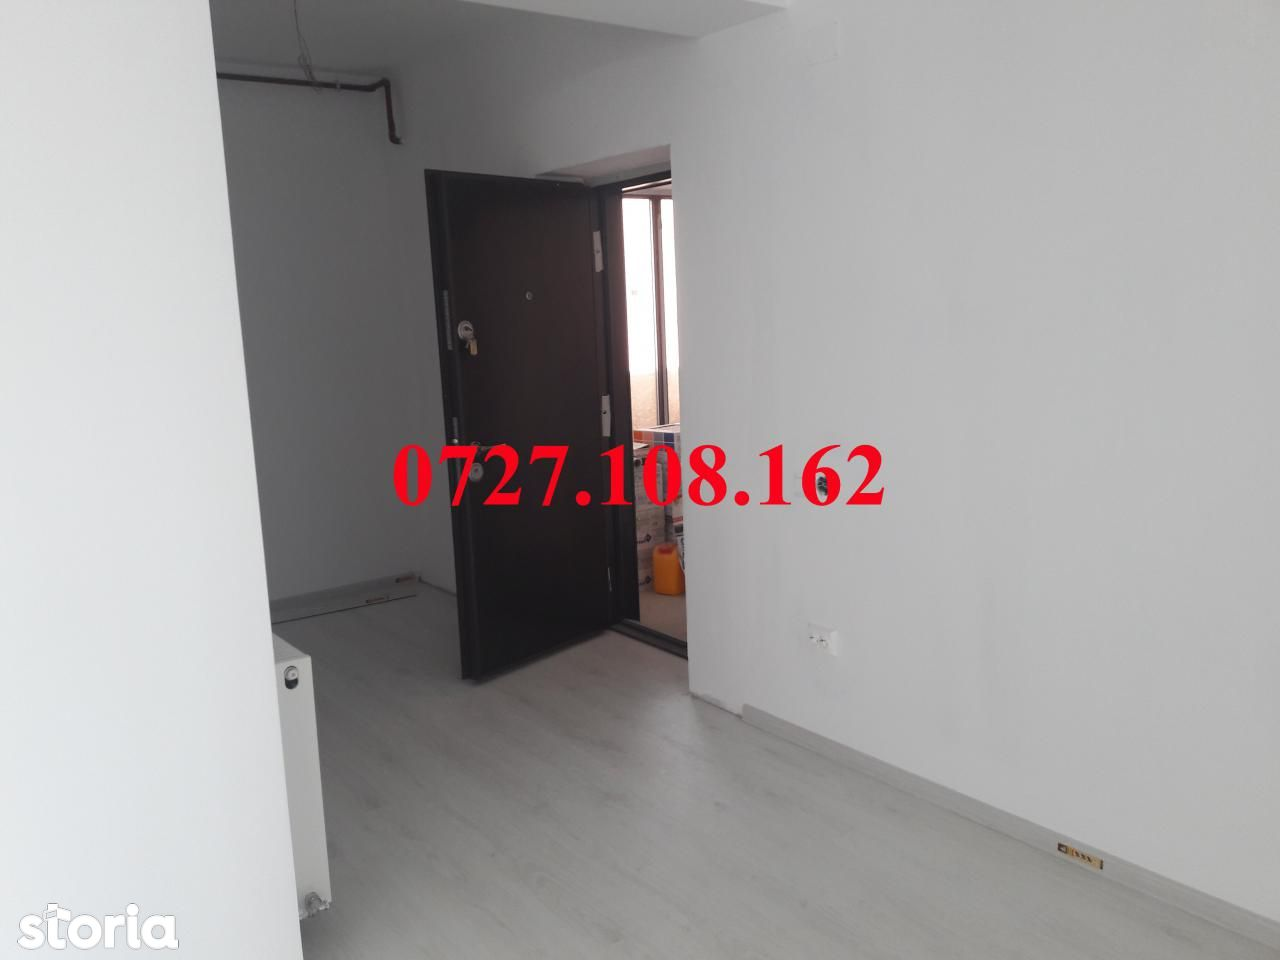 Apartament de vanzare, Bragadiru, Bucuresti - Ilfov - Foto 15